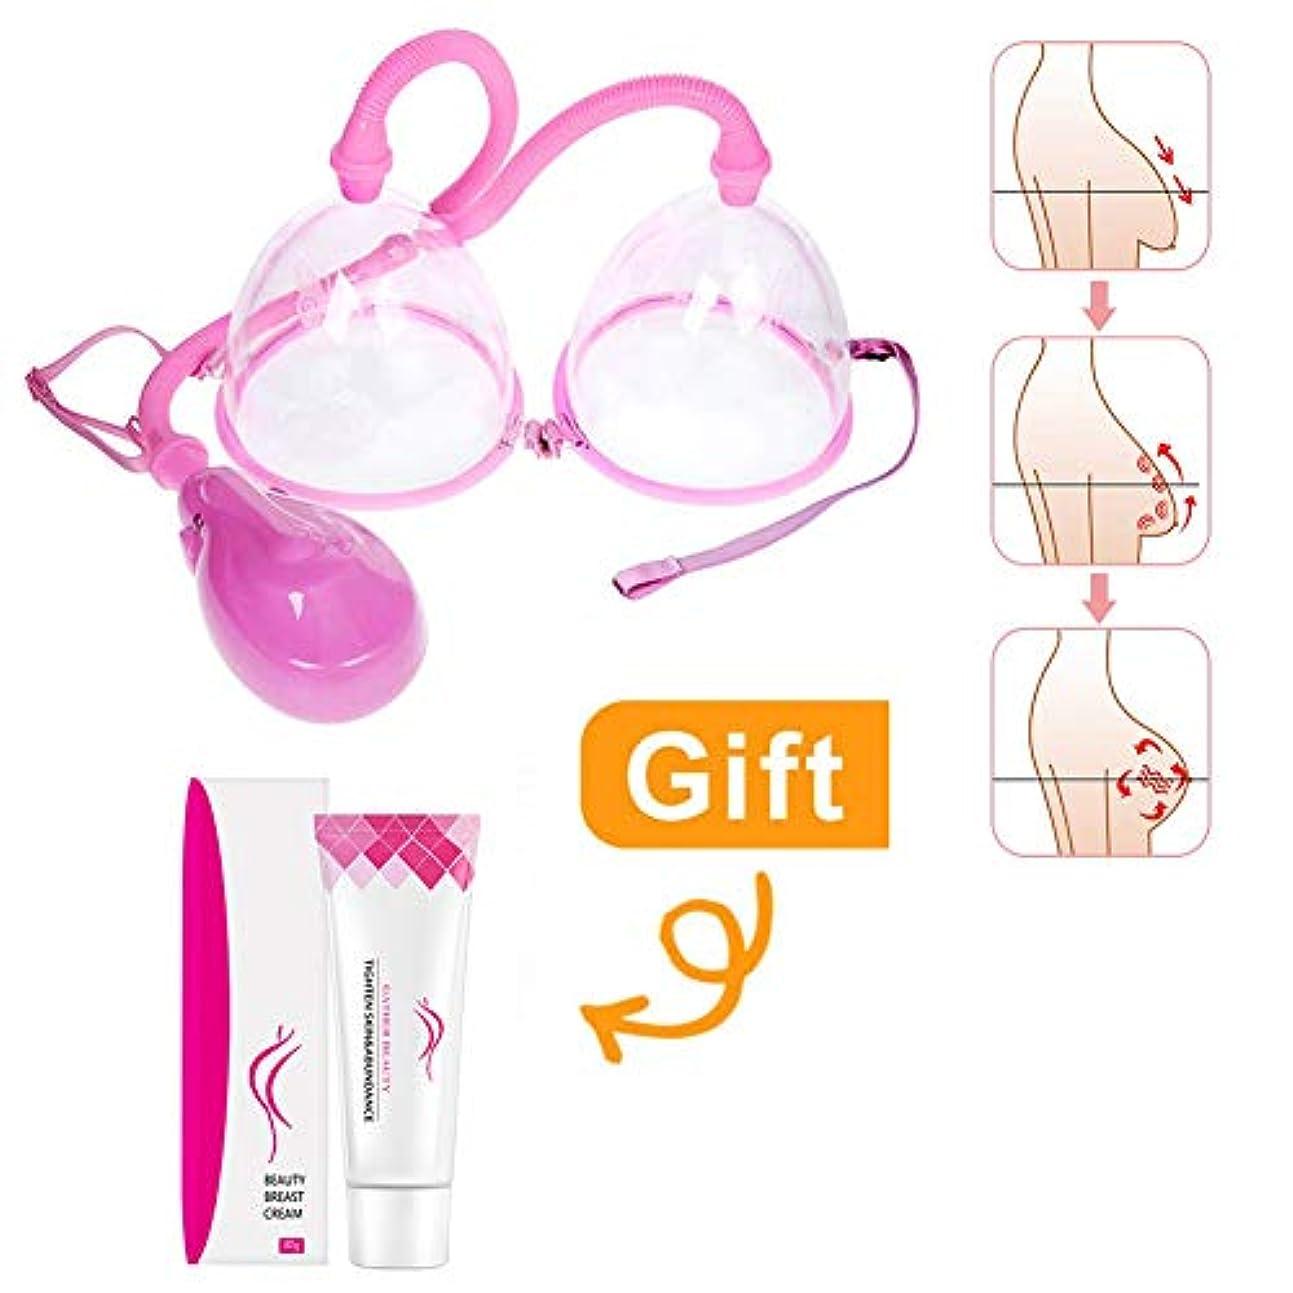 かろうじてテンポデザイナー電気胸部マッサージ器は乳房増強器具胸の拡大クリームを持つ女性のための拡大女性胸カップ,L